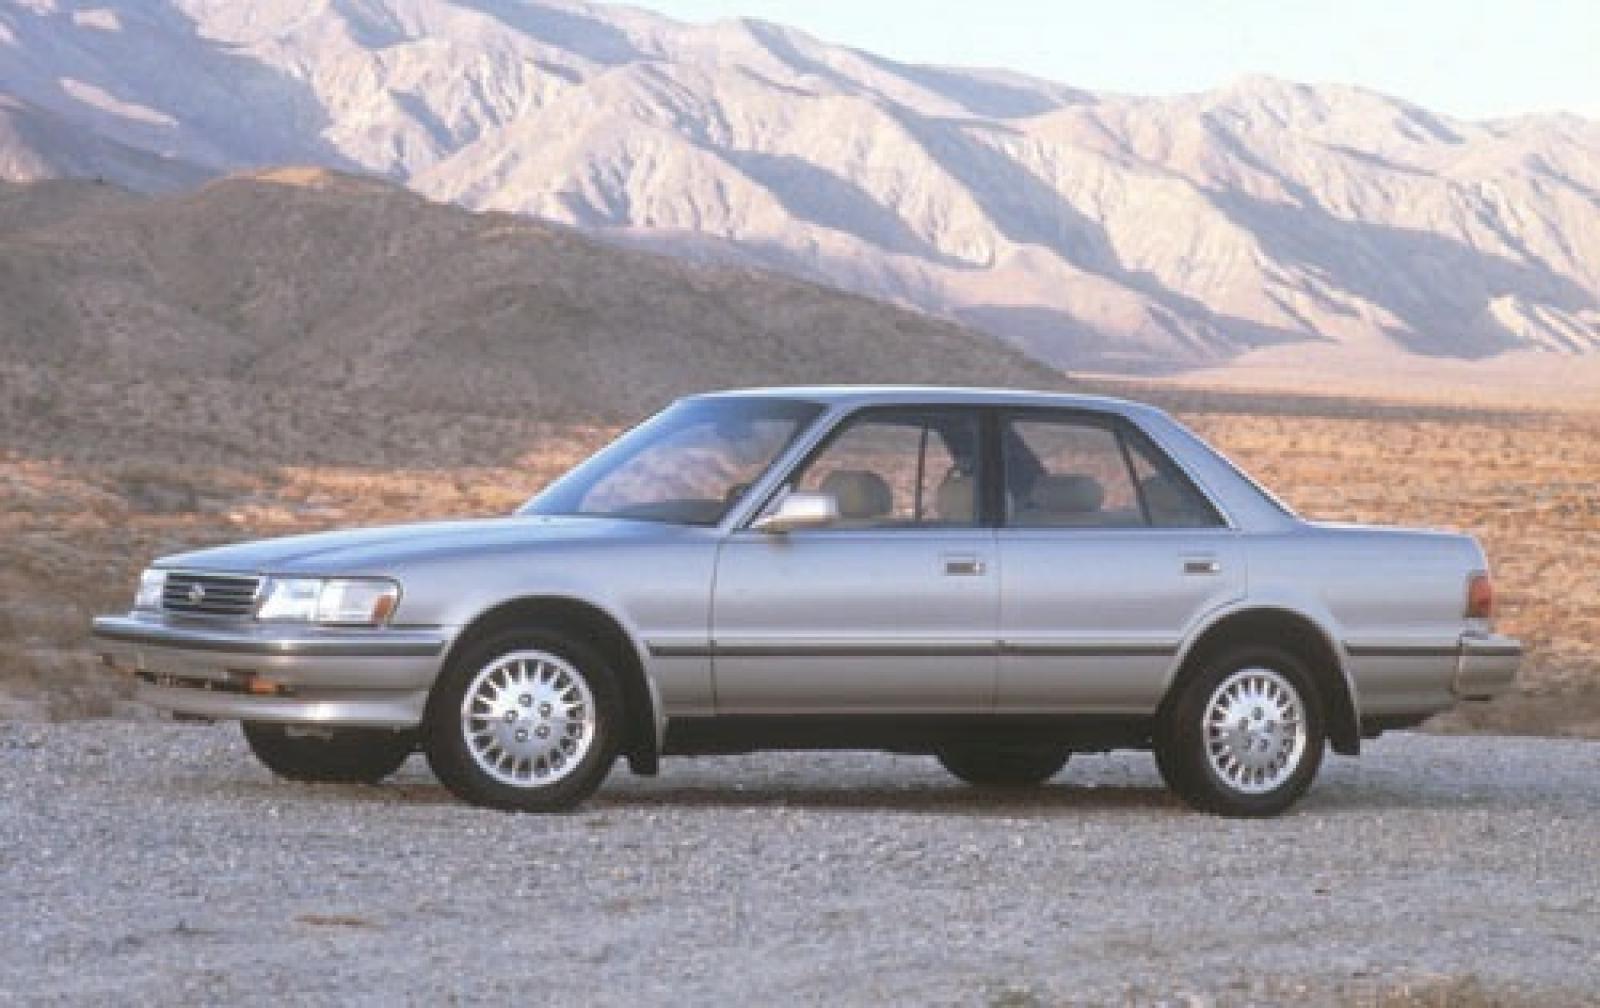 3 خودروی دهه نودی مناسب برای دریفت